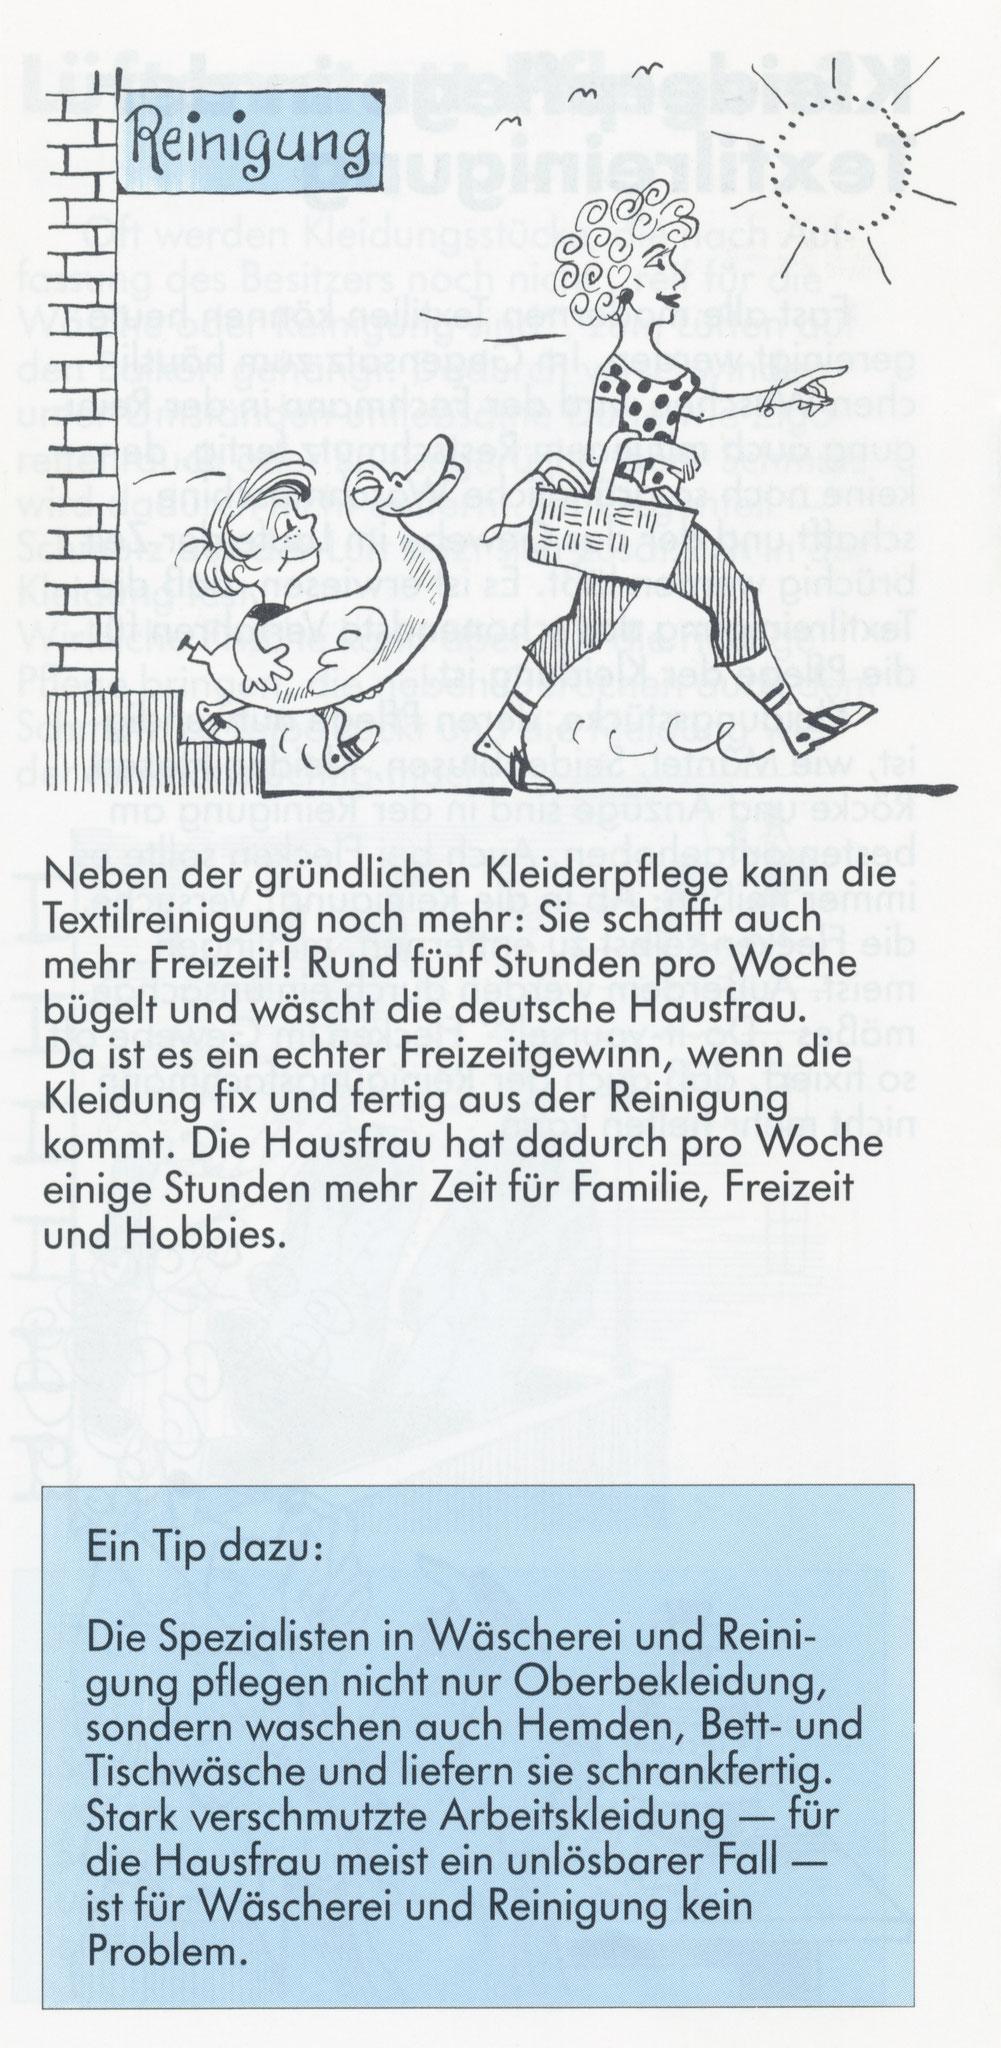 1980 Müden Arbeitskreis Textilreinigung:  Seite 8, Freizeit